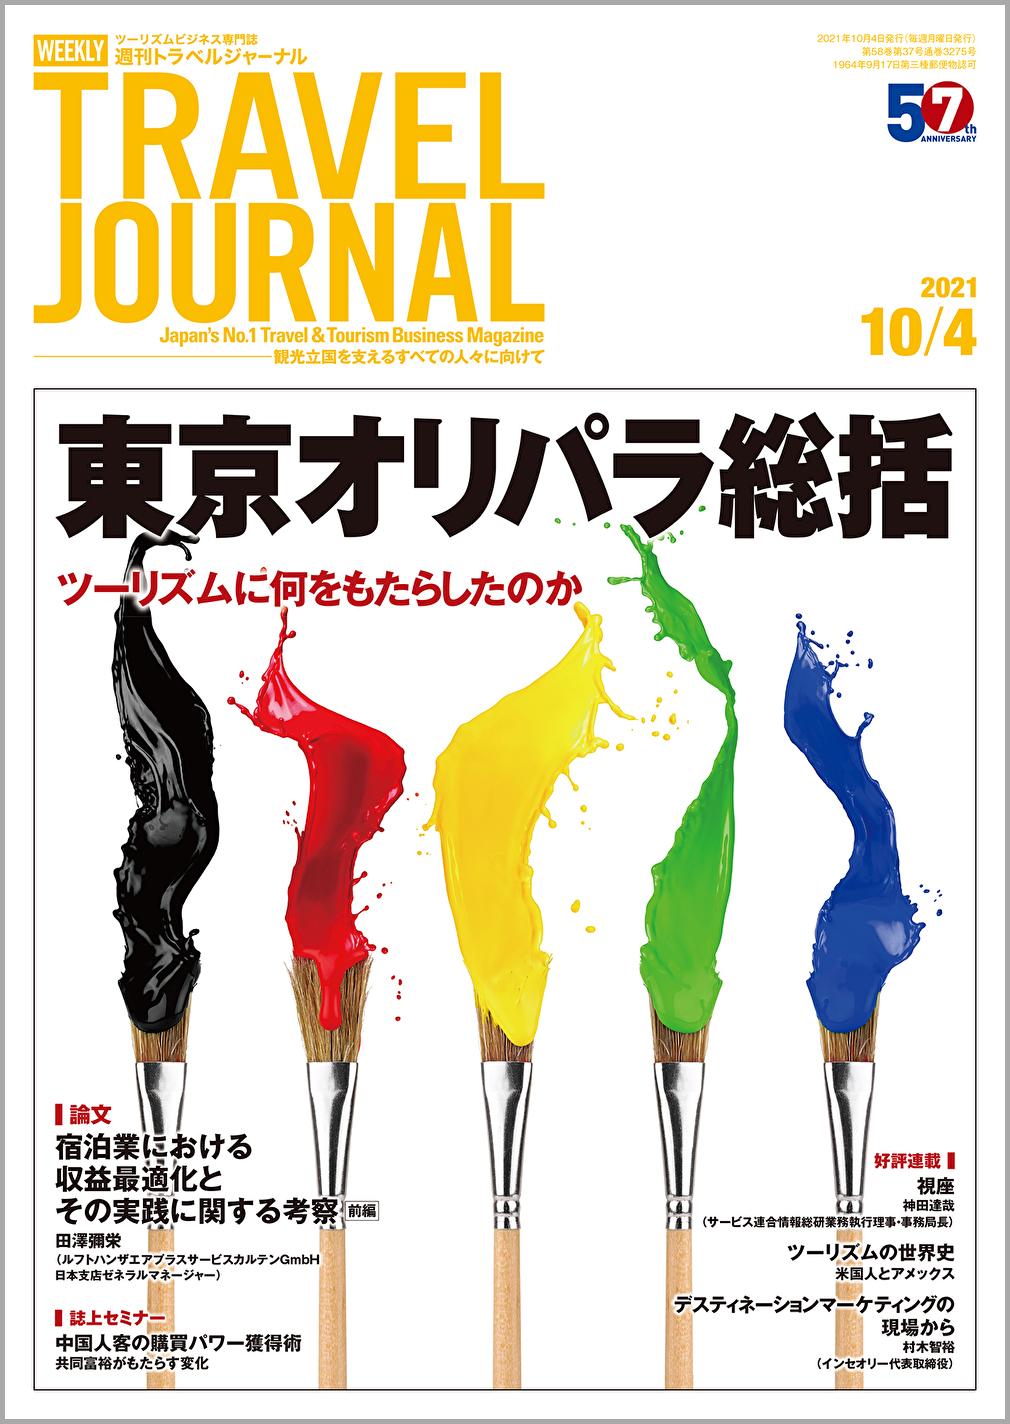 2021年10月4日号>東京オリパラ総括 ツーリズムに何をもたらしたのか